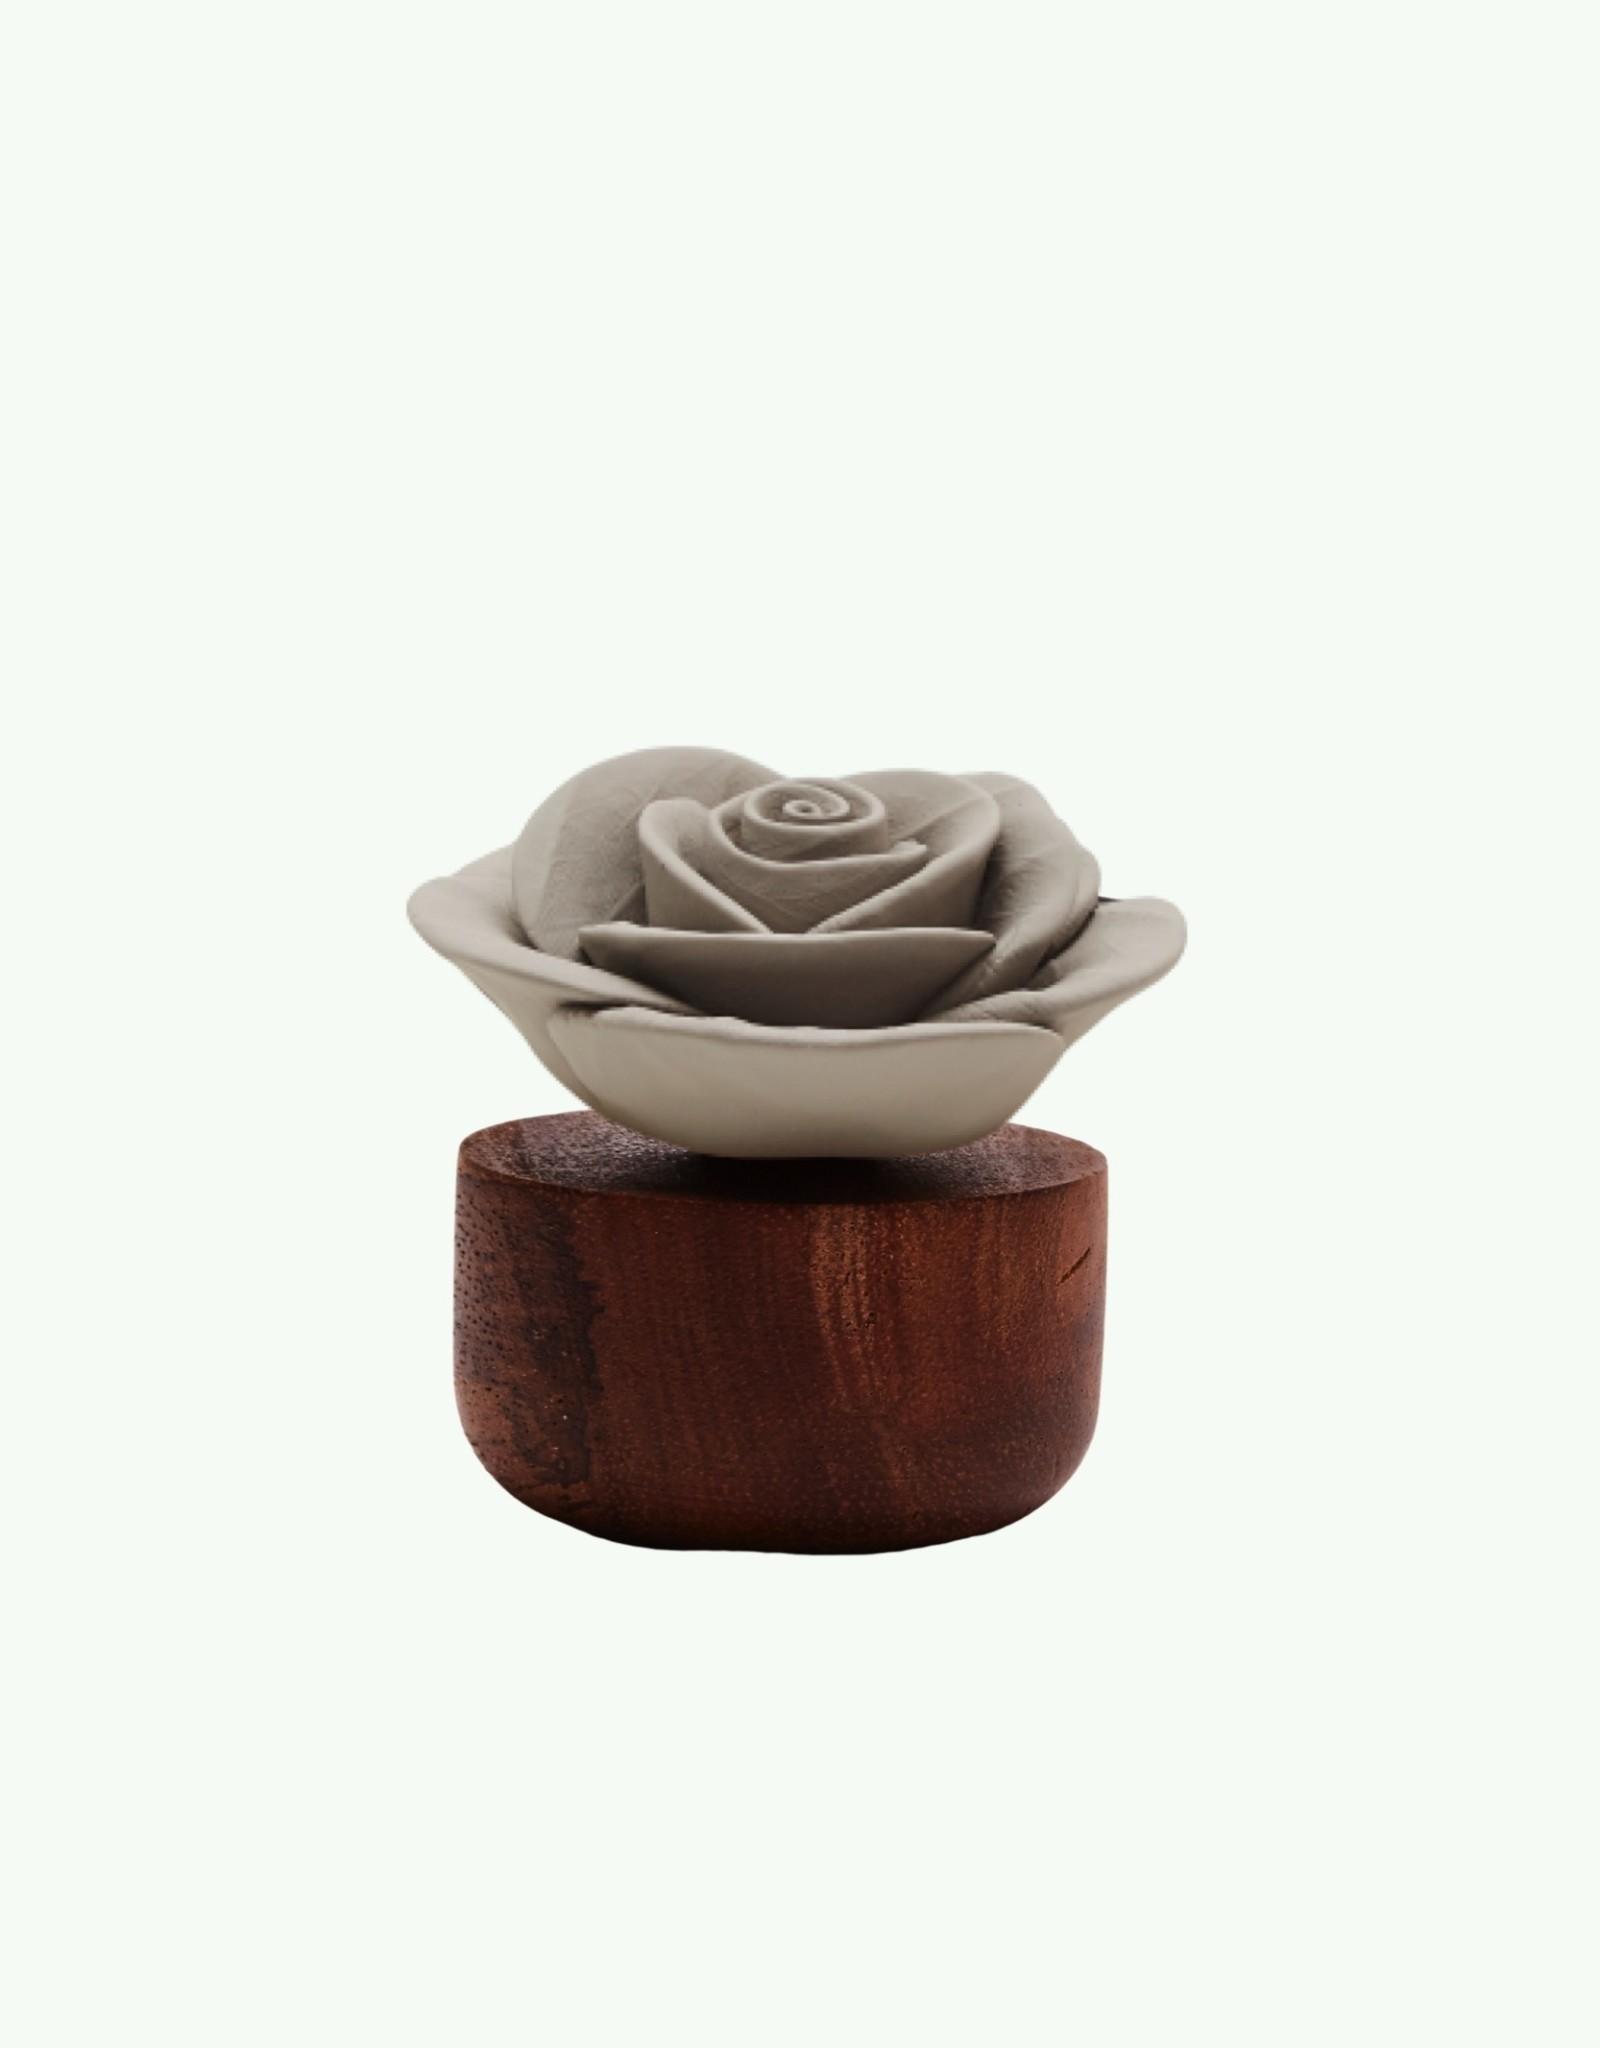 Anoq Anoq - Gardenia du Laos - Perfume Diffuser